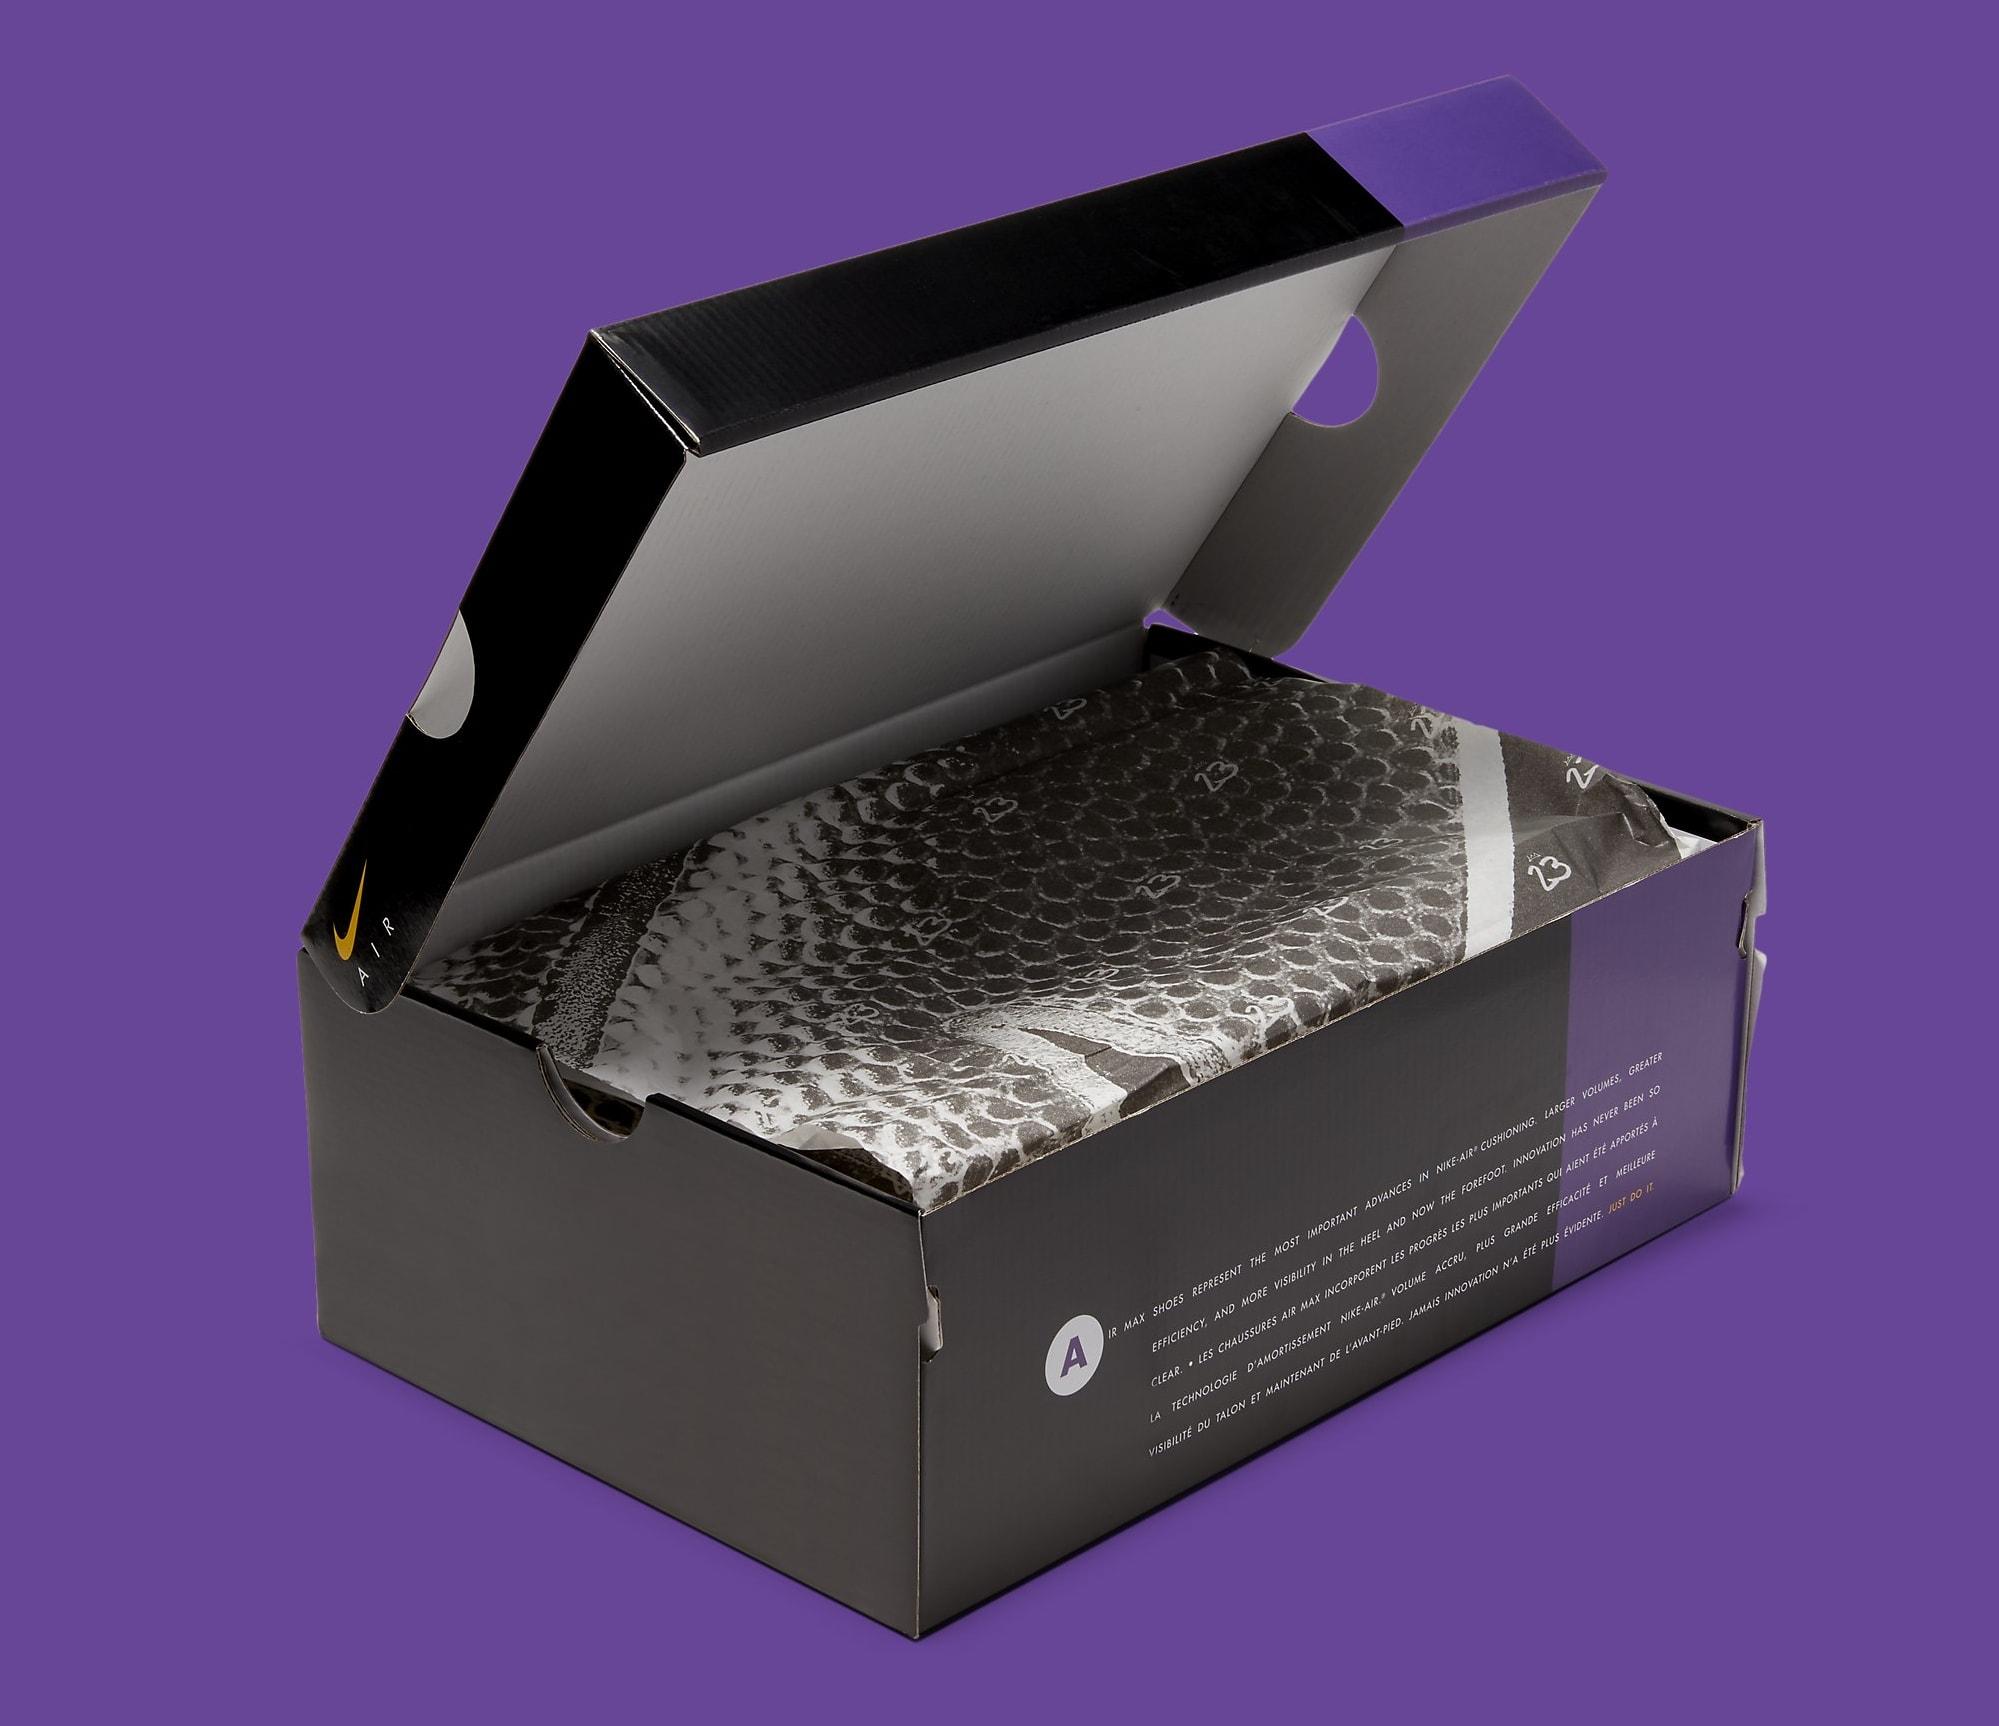 Nike Air Max 95 'LeBron' CZ3624-001 Box